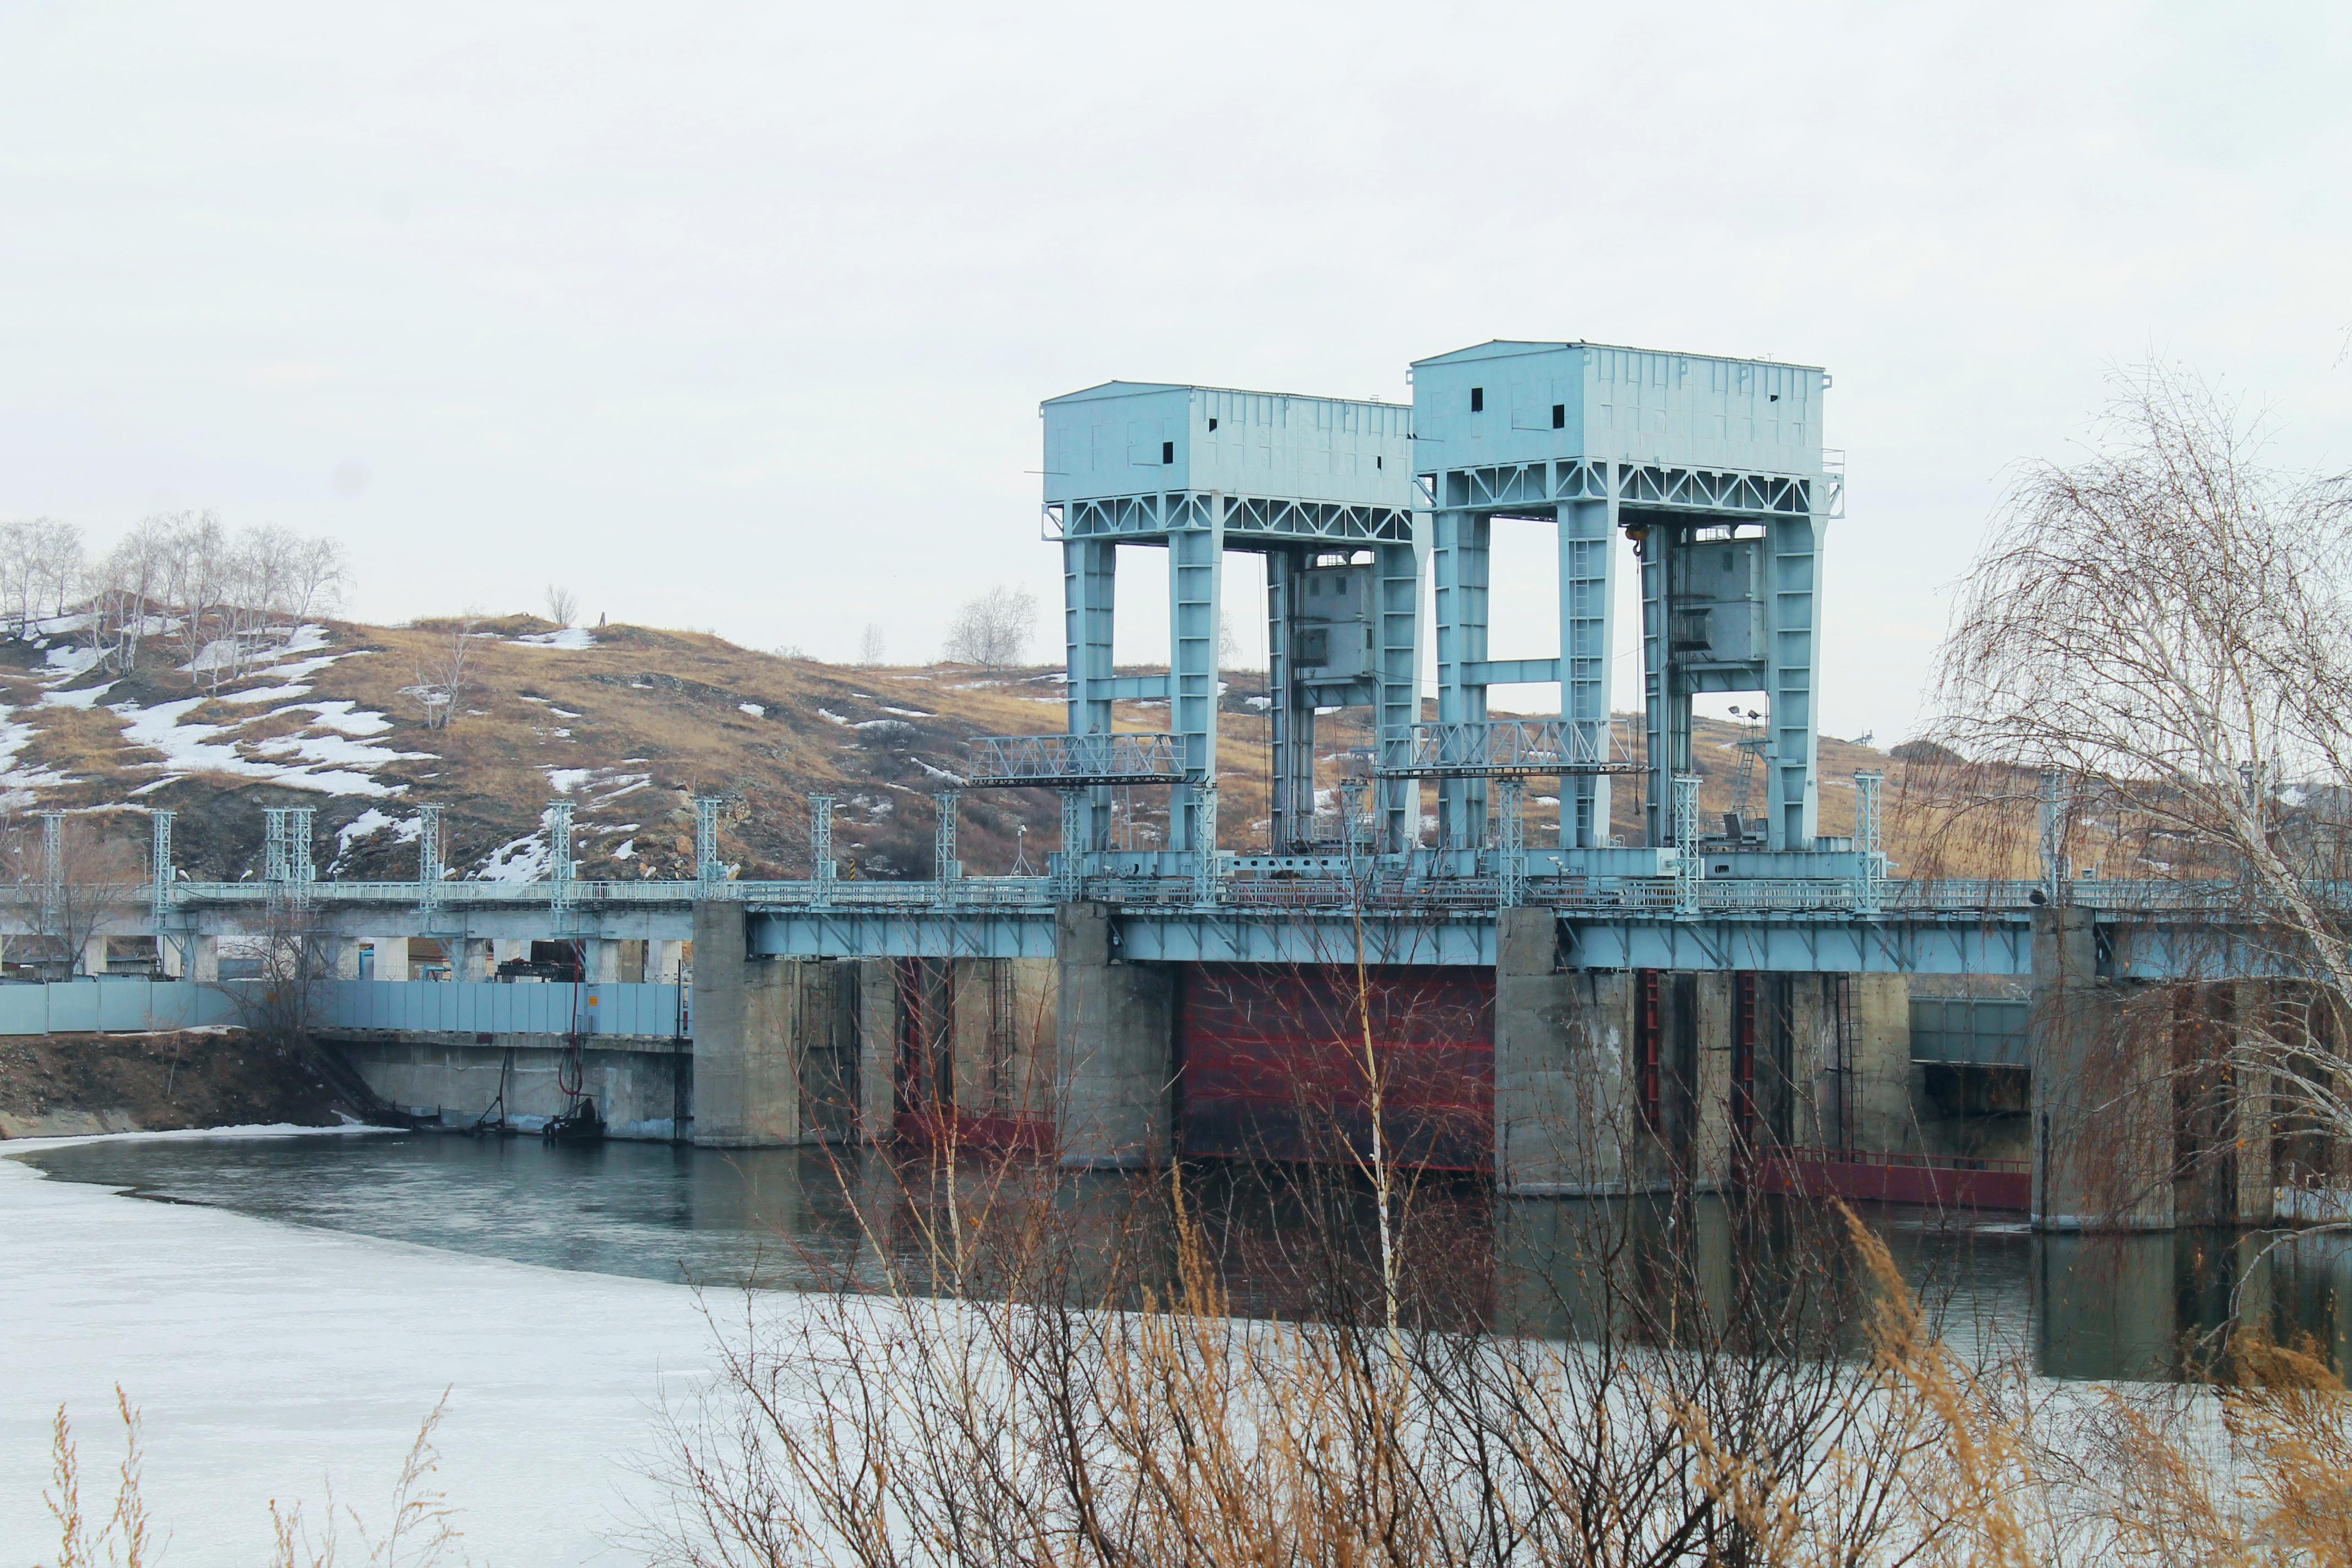 На Троицкой ГРЭС ПАО «ОГК-2» завершена подготовка к весеннему паводку. Сброс воды из водохранилищ